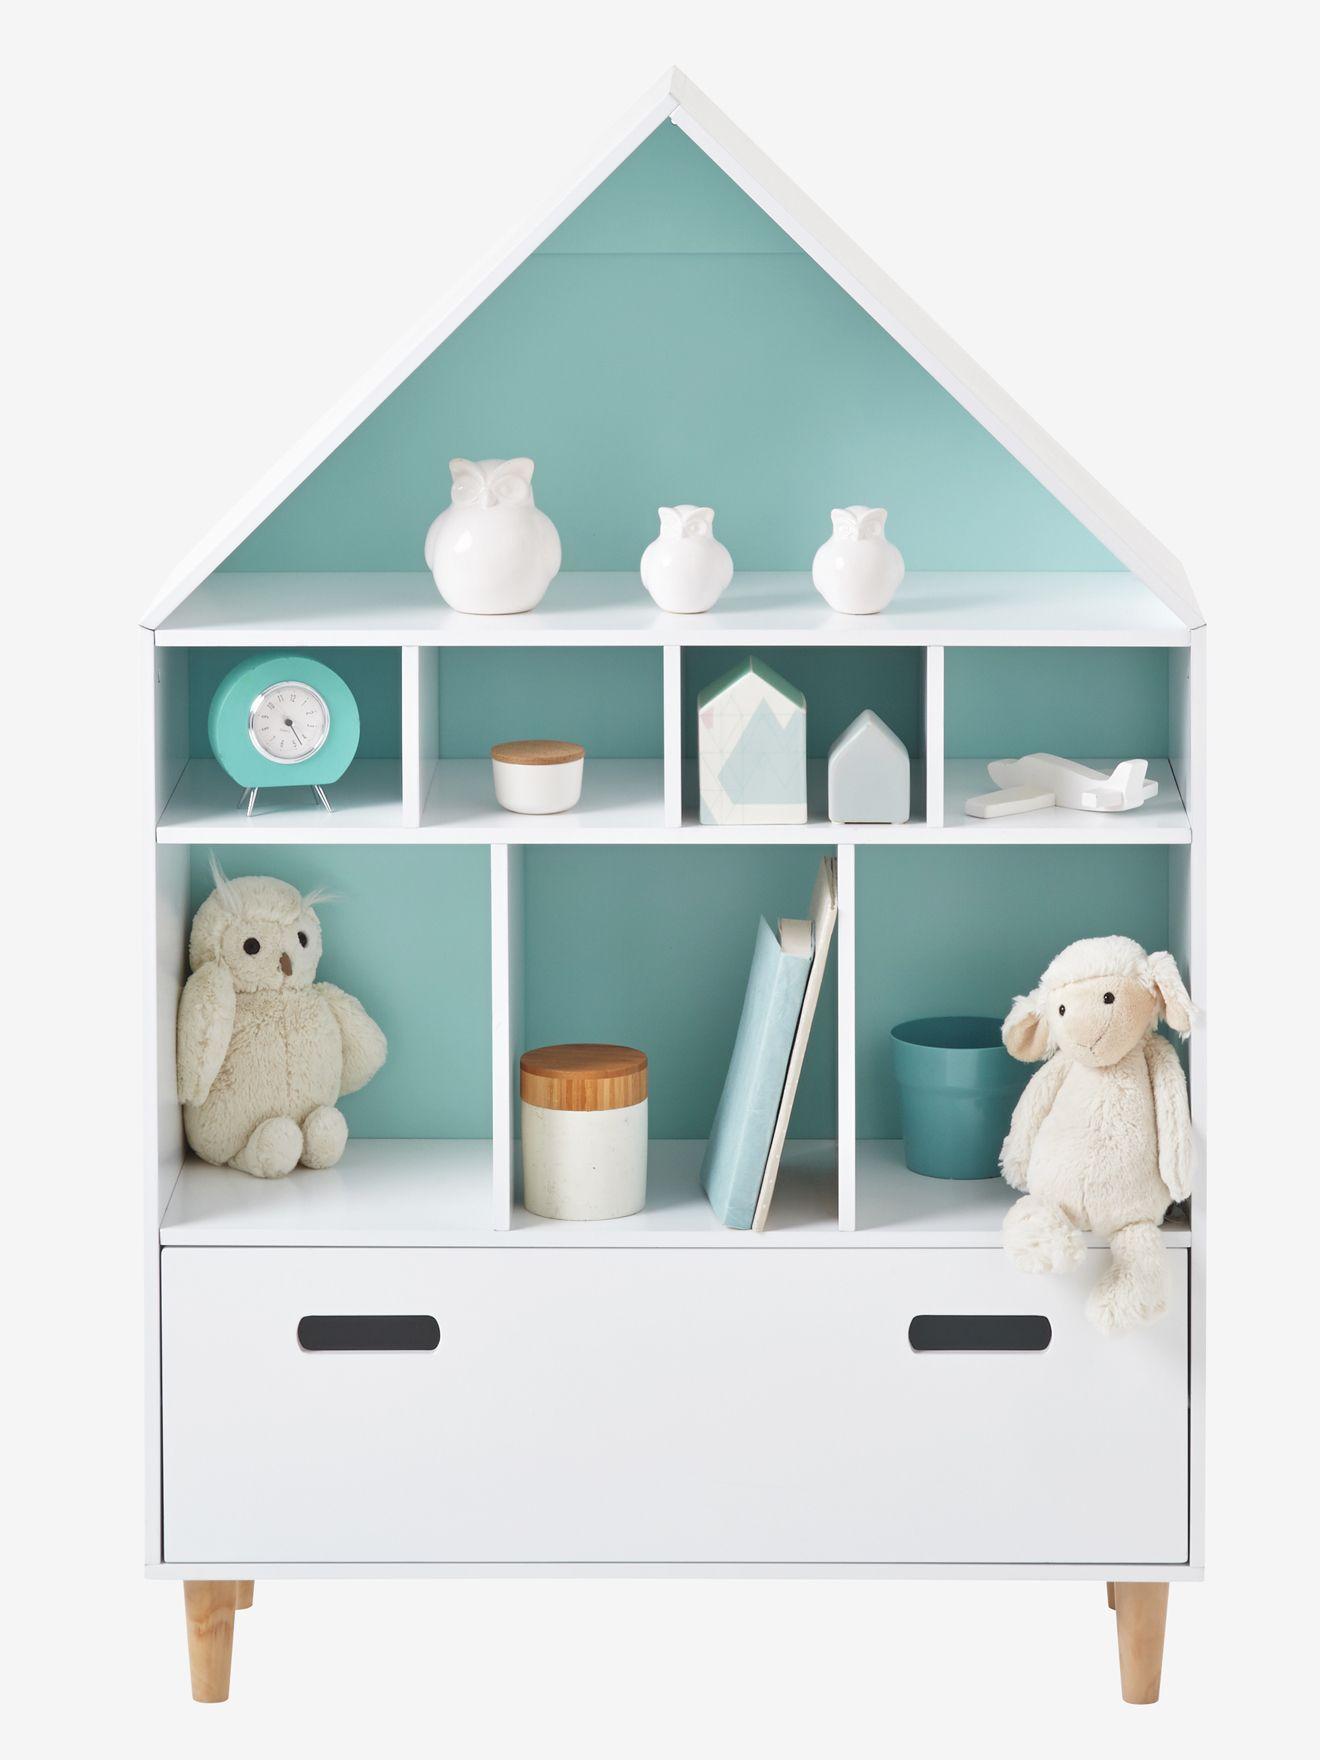 vertbaudet regal in hausform in weiß/blau | kinderzimmer, Hause deko